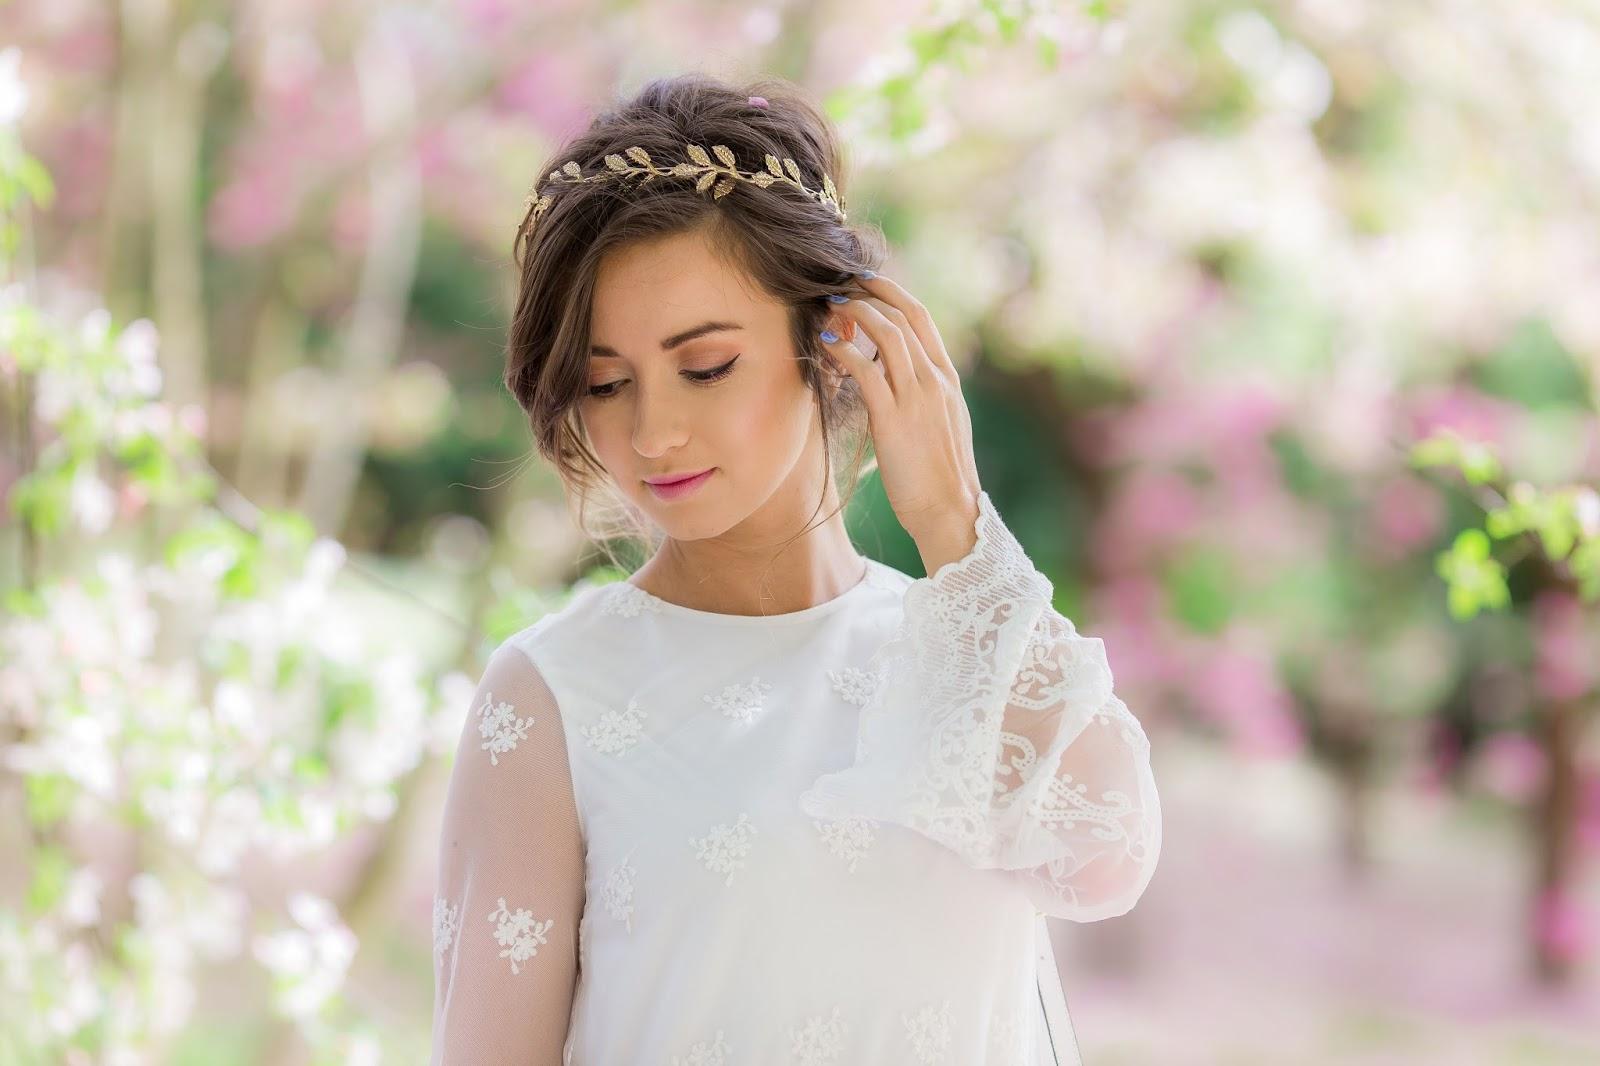 Fryzura Na Wesele I Biała Koronkowa Sukienka Wedding